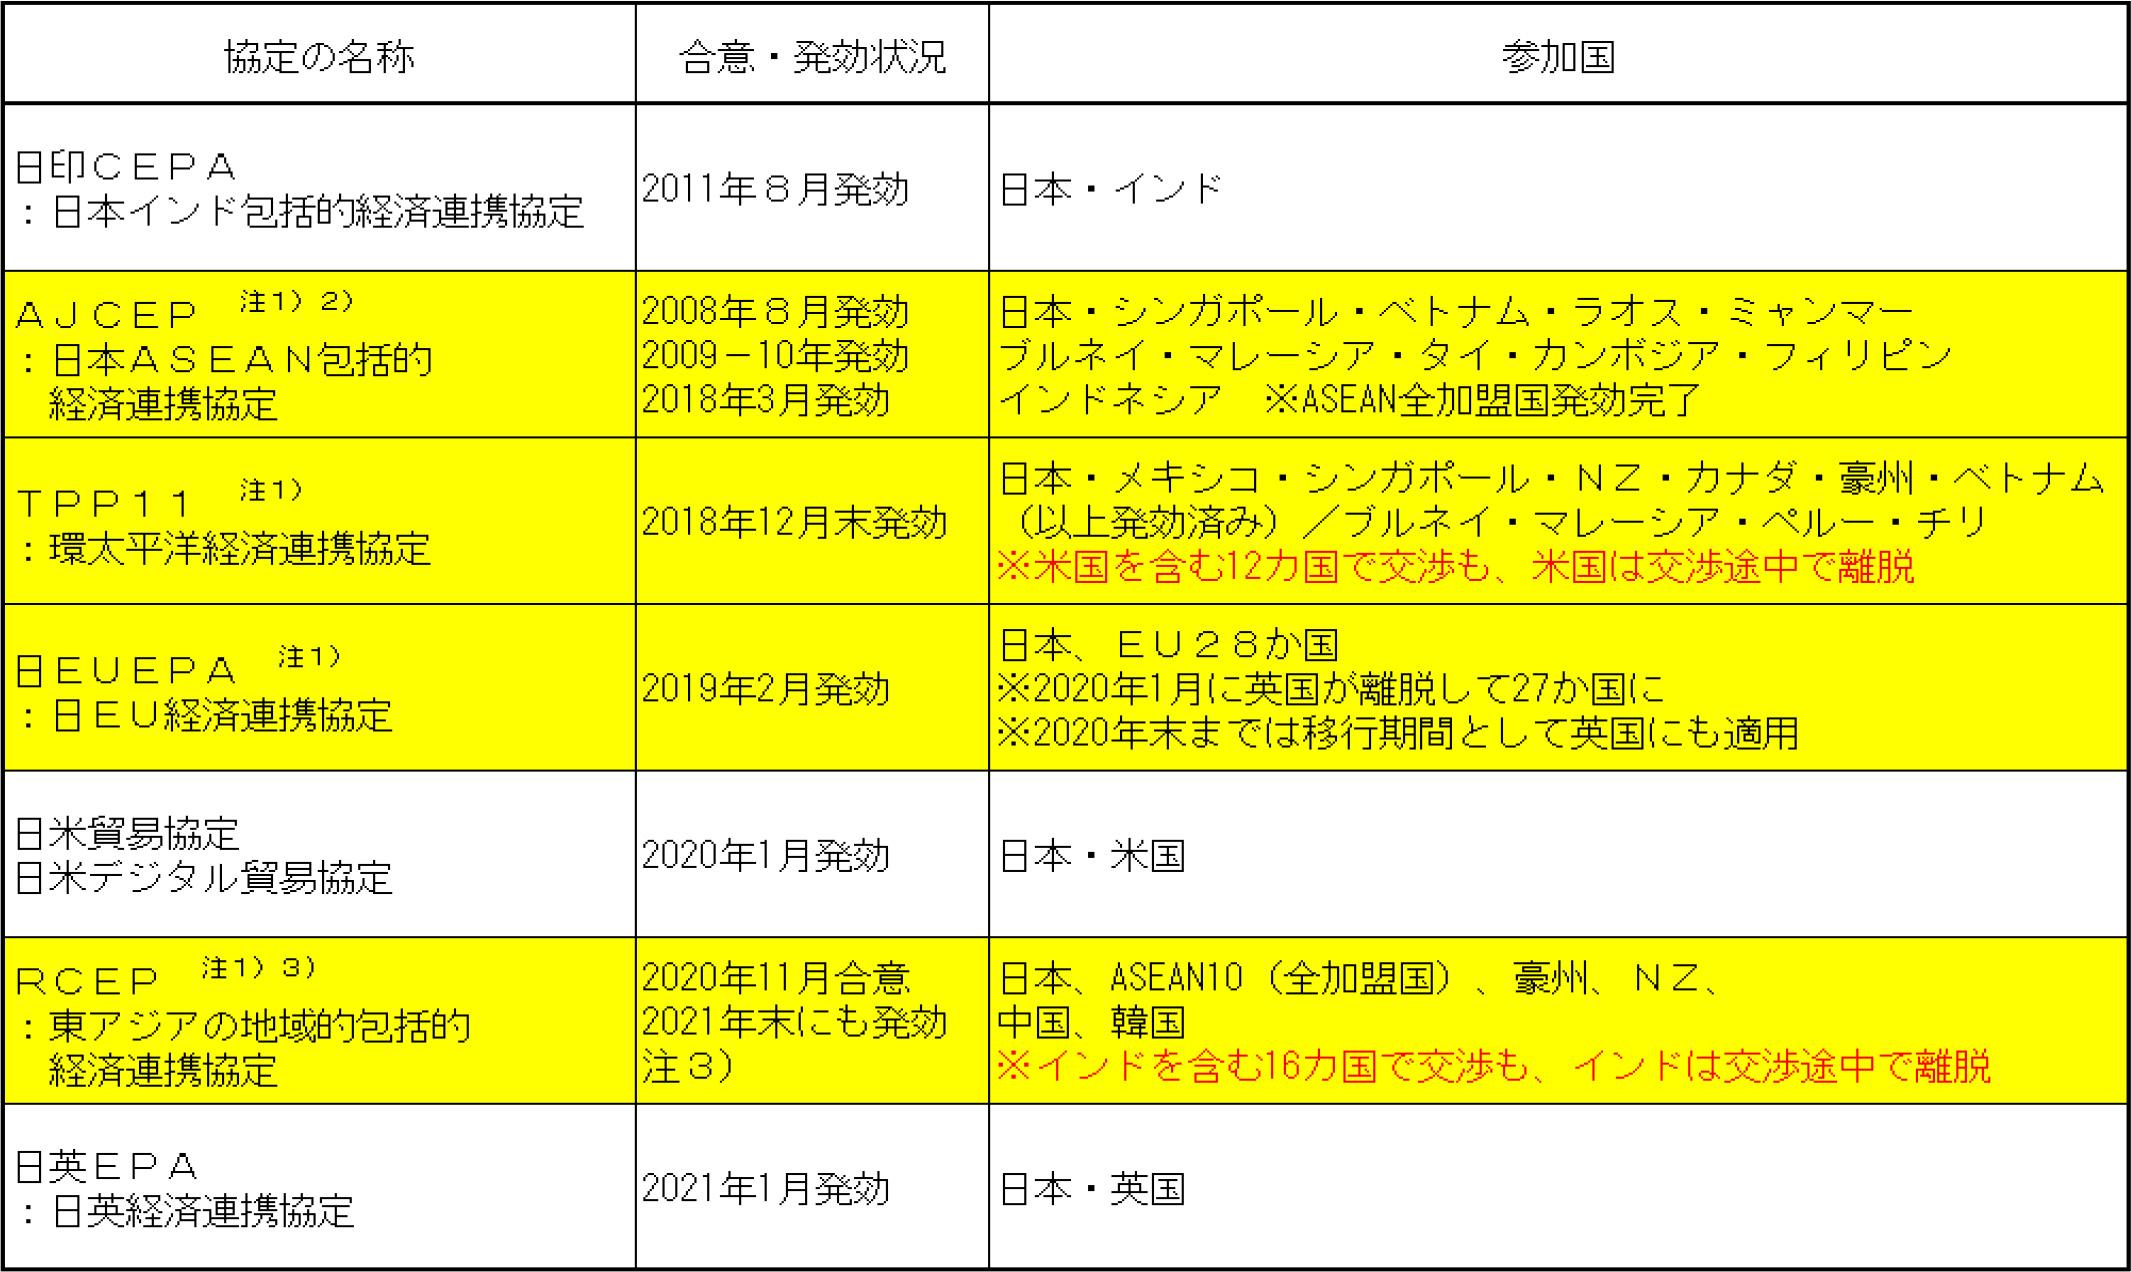 図表1:日本の主要なEPA(経済連携協定)の締結・発効状況